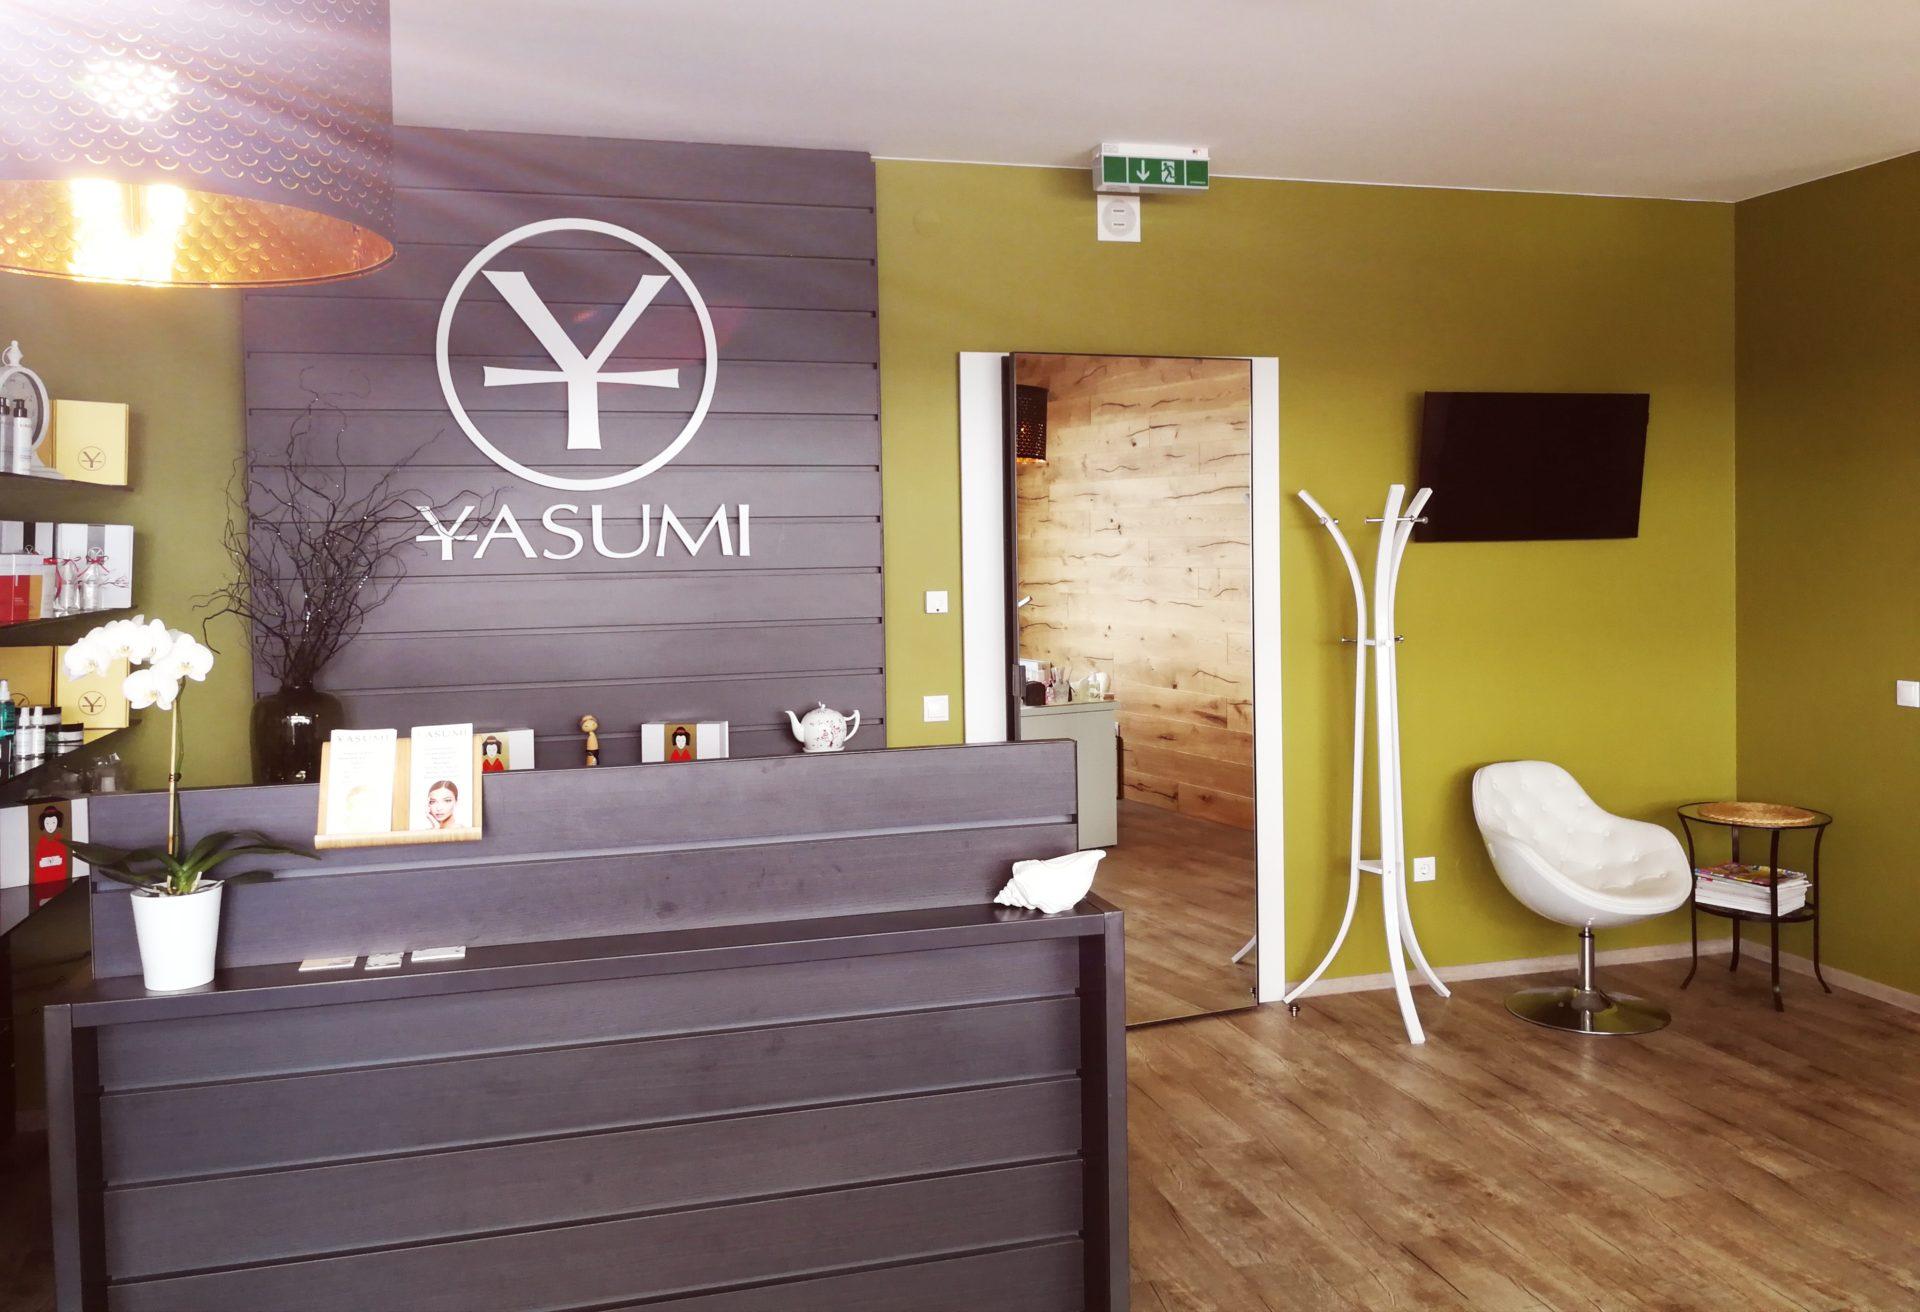 Kosmetikstudio 1020 Wien